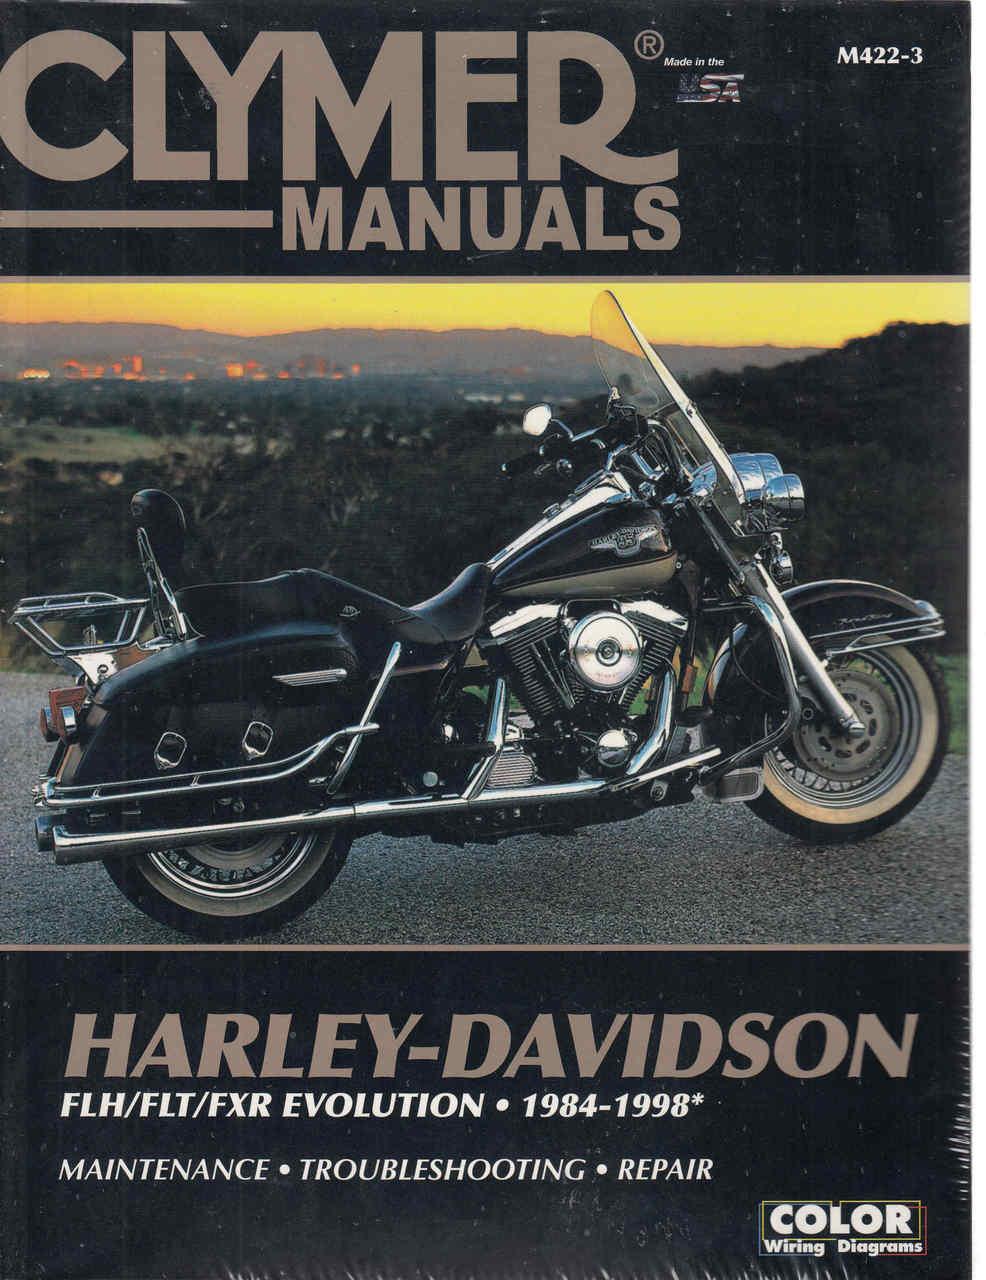 small resolution of harley davidson flh flt fxr evolution 1984 1998 workshop manual 98 flstc harley davidson motorcycle diagrams